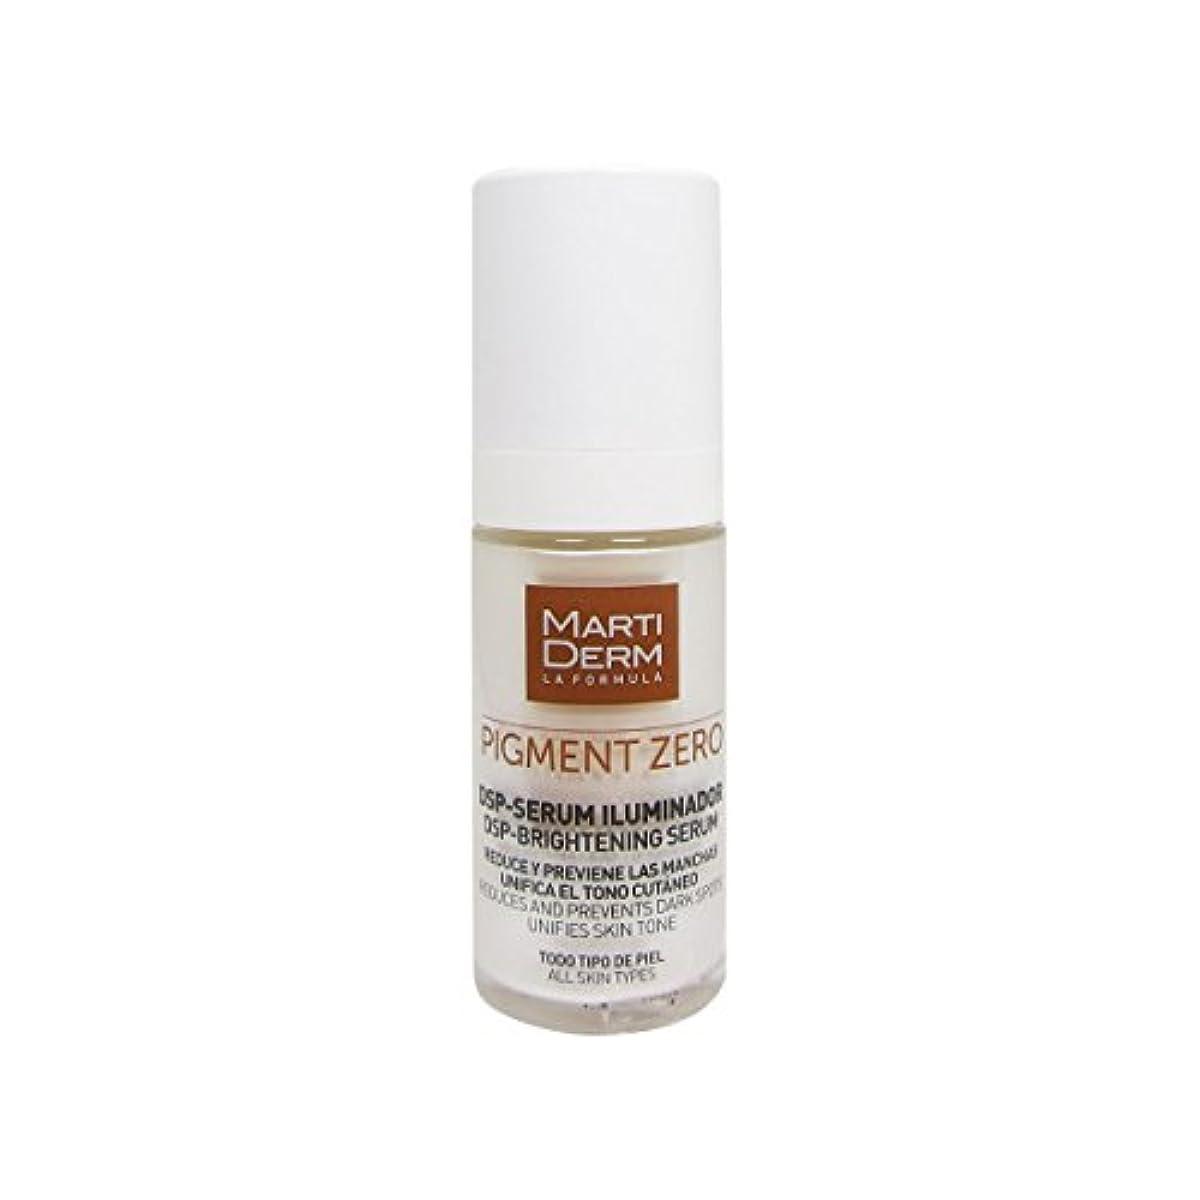 区別するレクリエーションであるMartiderm Pigment Zero Dsp-brightening Serum 30ml [並行輸入品]